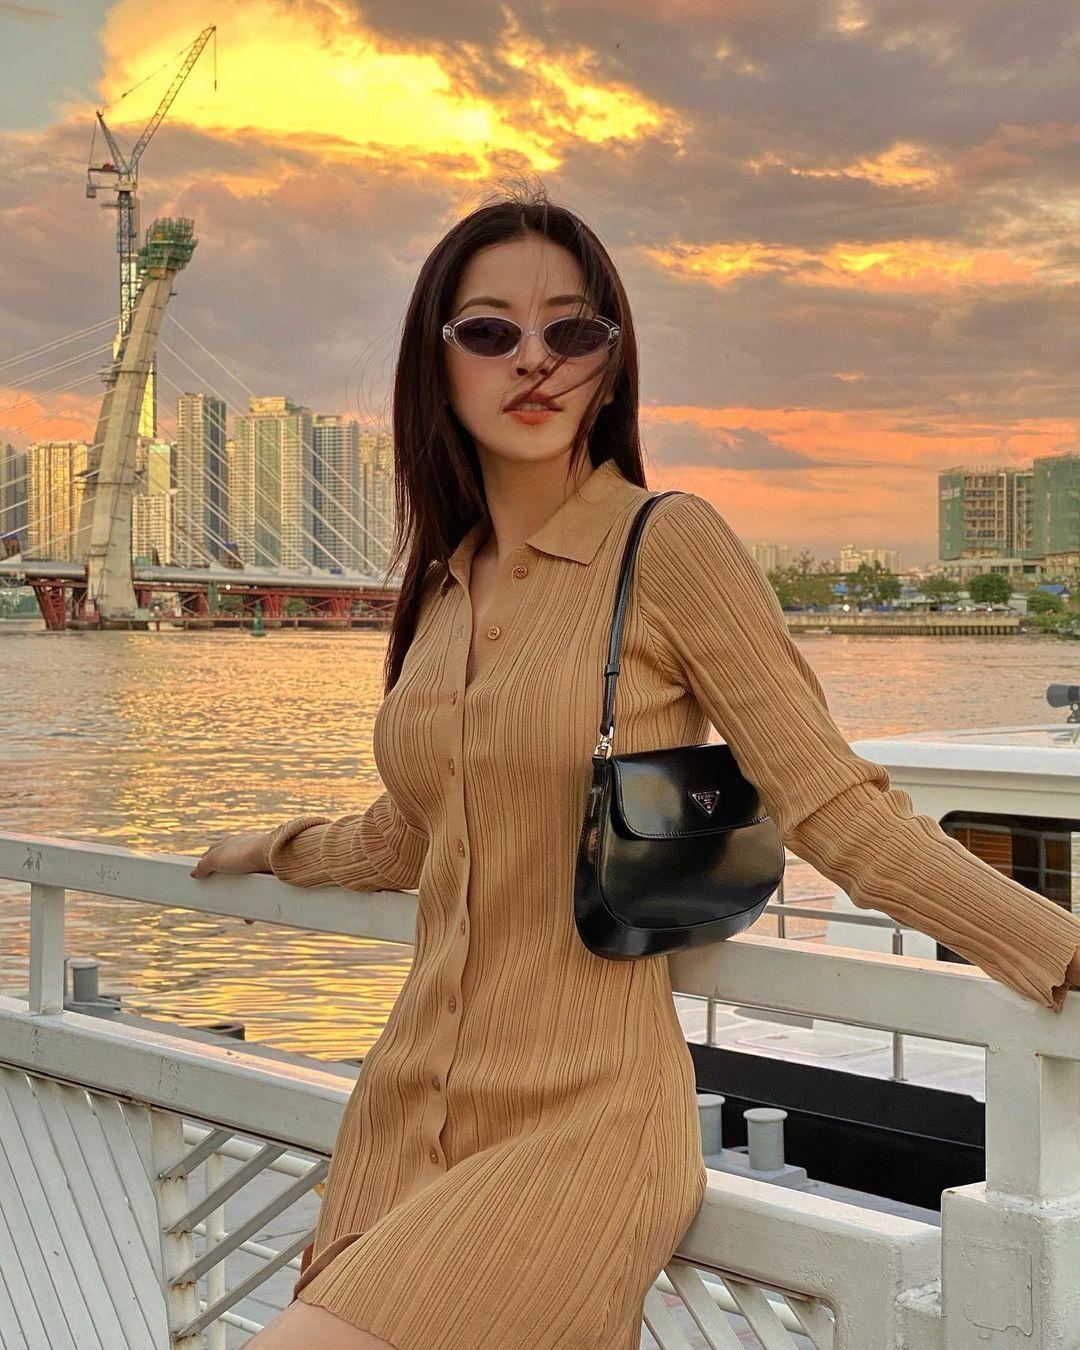 Instagram look của sao Việt: Ngọc Trinh diện áo cắt khoét nhìn mà ngượng thay, Xoài Non đơn giản mà xinh ngất - Ảnh 2.